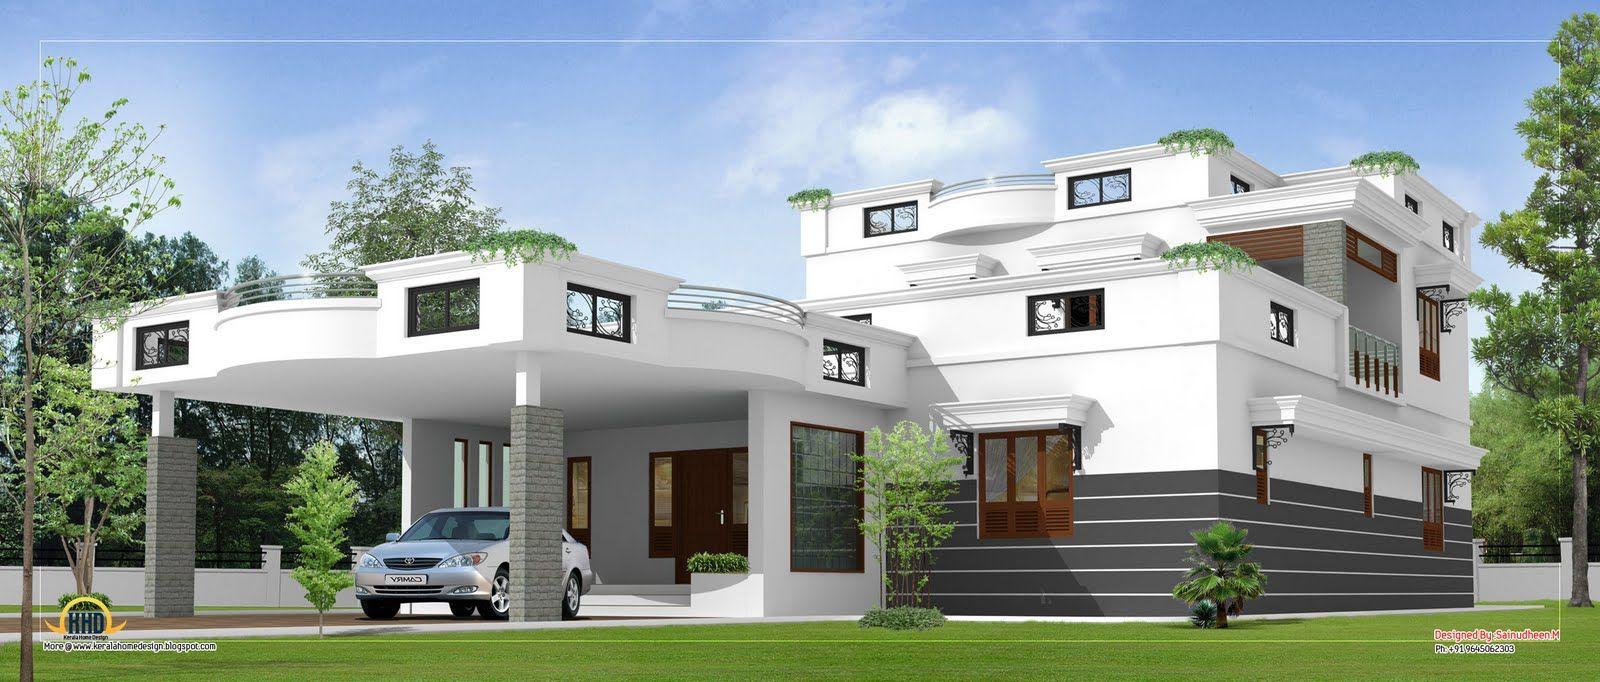 Smart House Design Australia 1925 Sq Ft Kerala Home Design